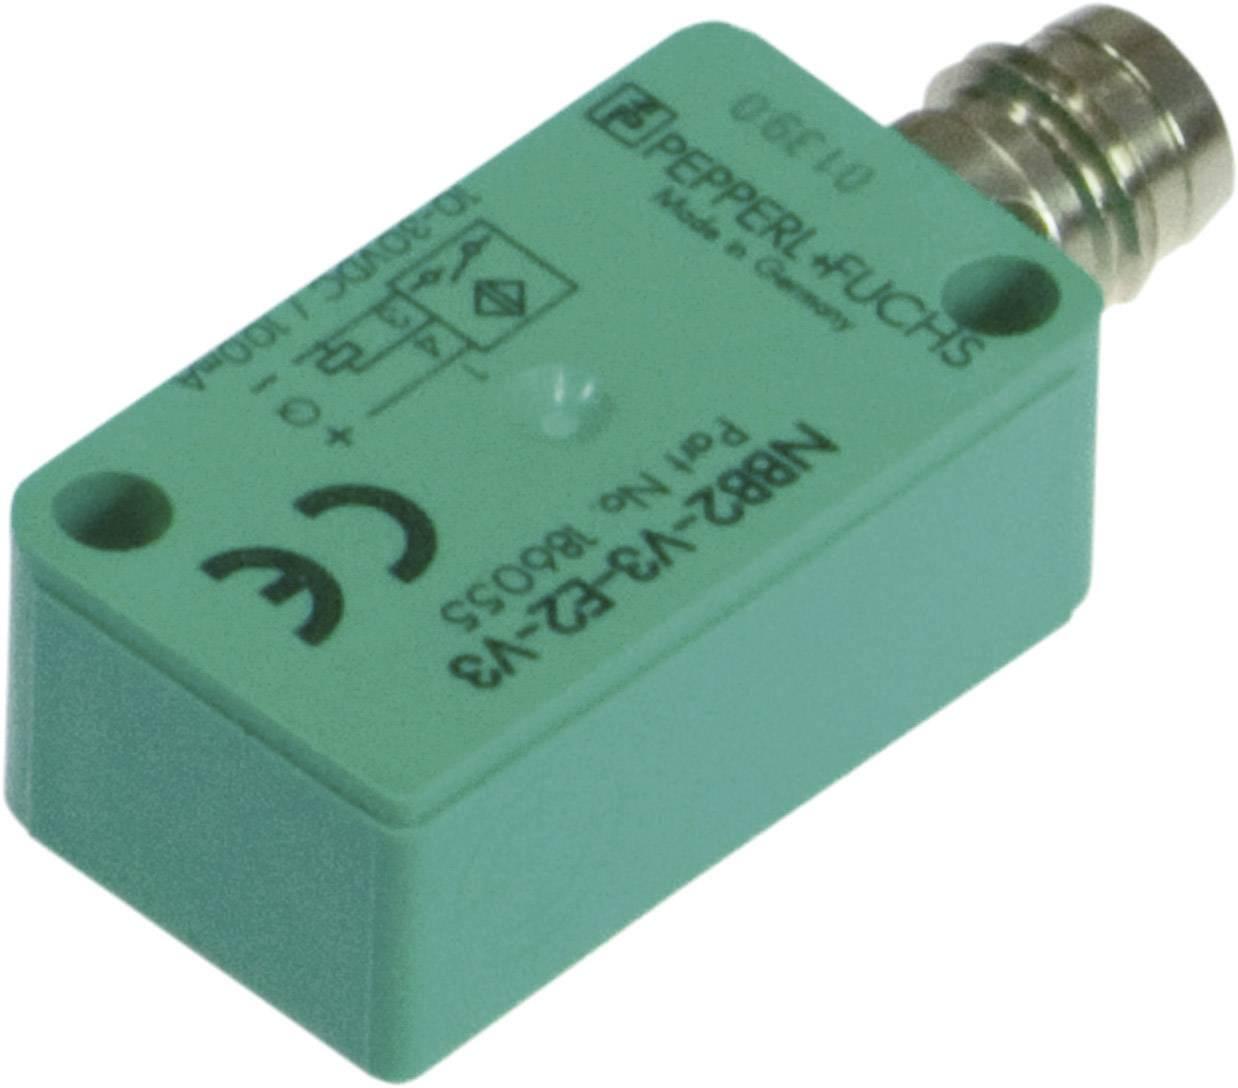 Indukčný senzor priblíženia Pepperl & Fuchs NBB2-V3-E2-V3, 10 x 16 mm, spínacia vzdialenosť (max.) 2 mm